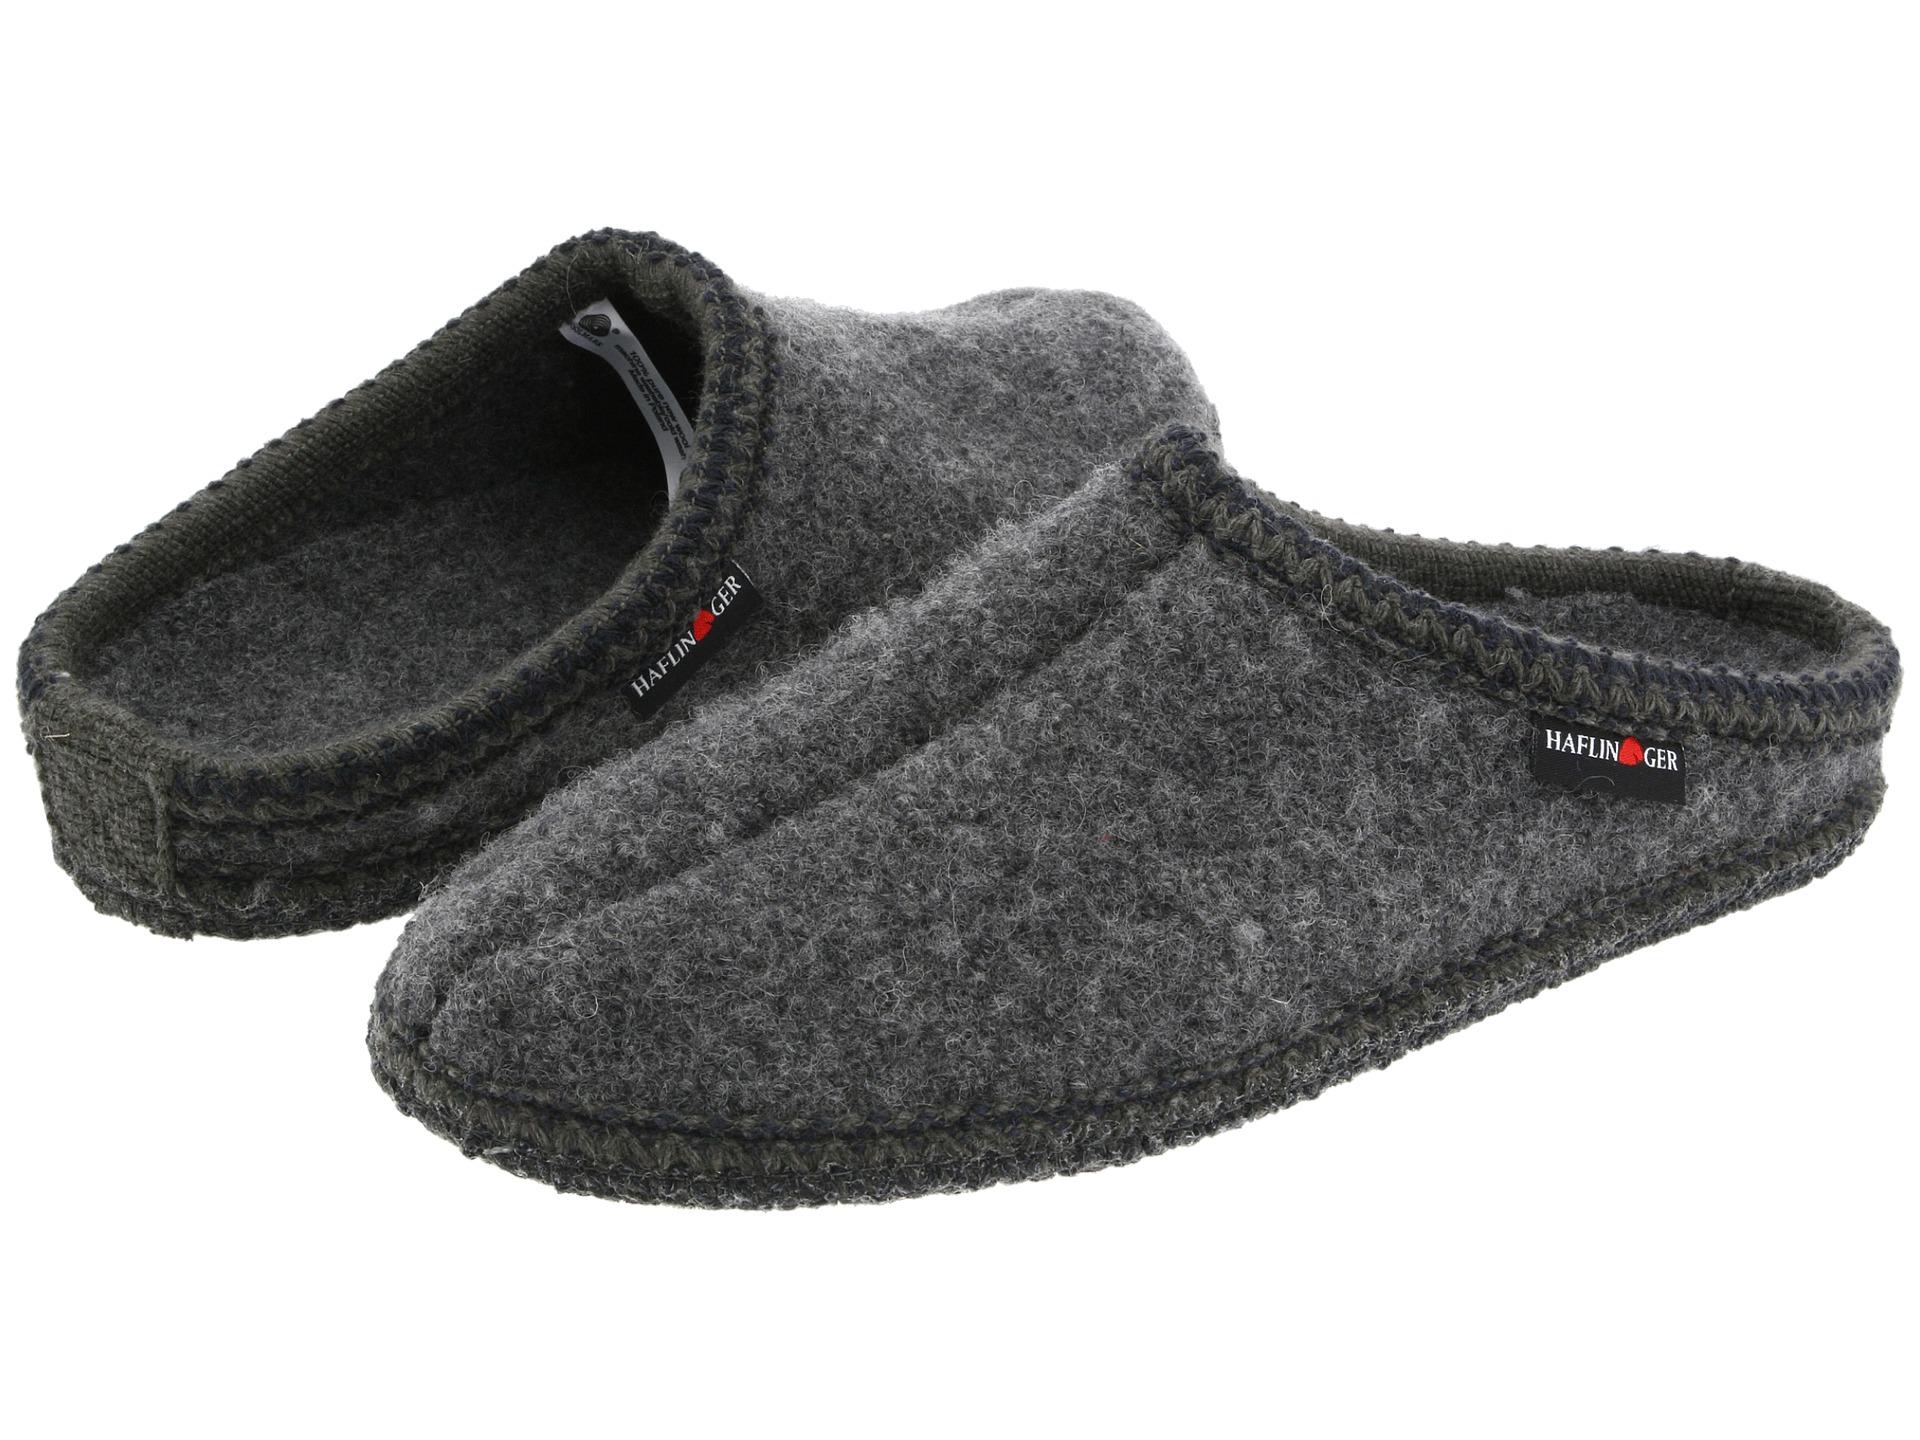 Haflinger AS Classic Slipper $75